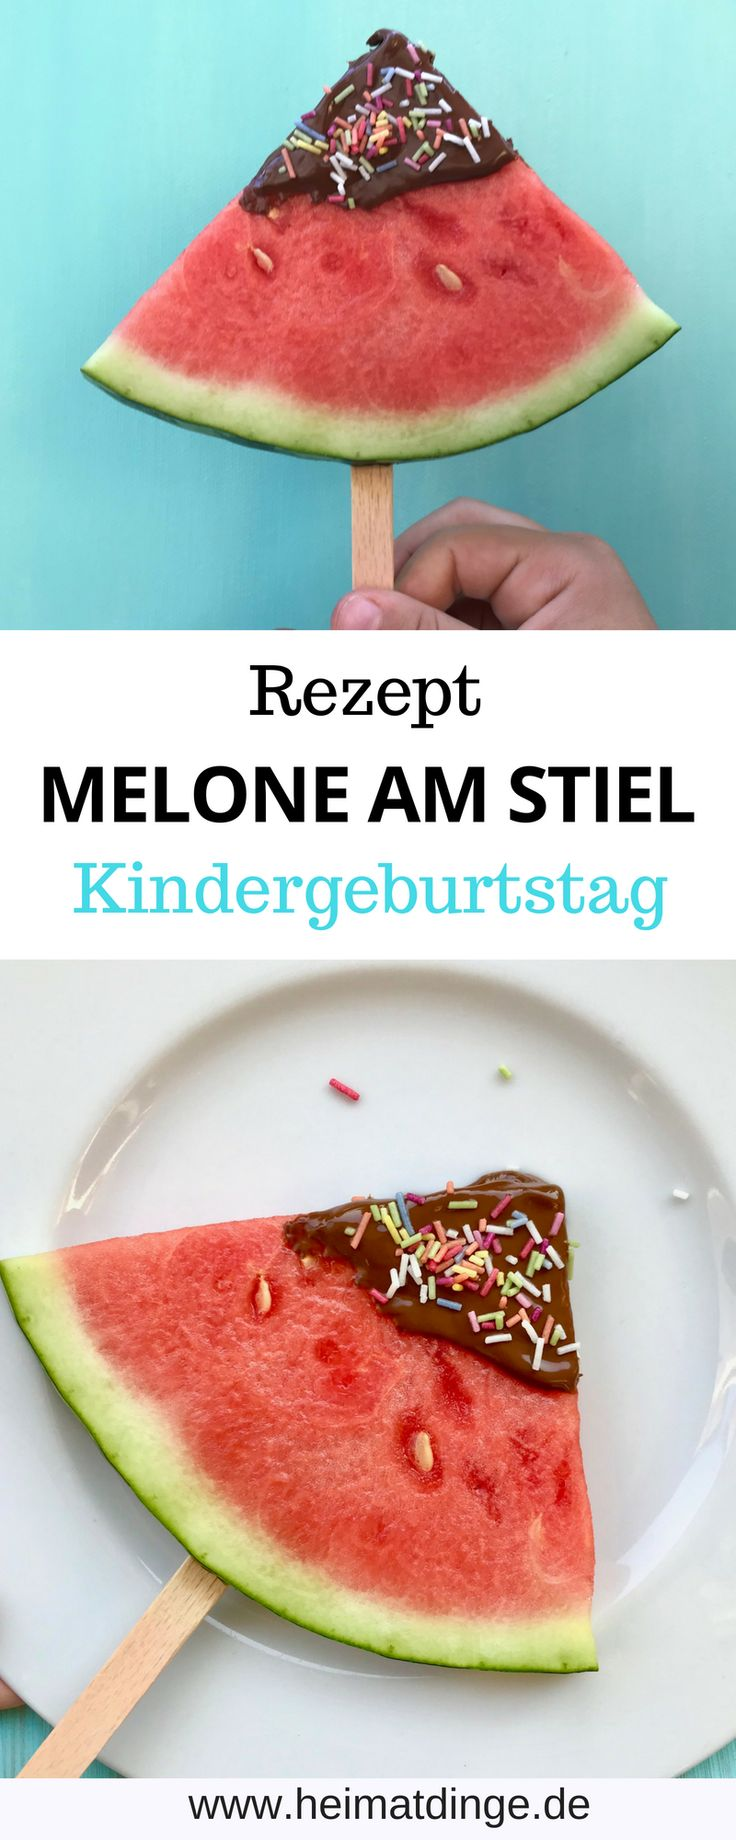 Schneller Partysnack: Melone am Stiel als Erfrischung für den Sommer